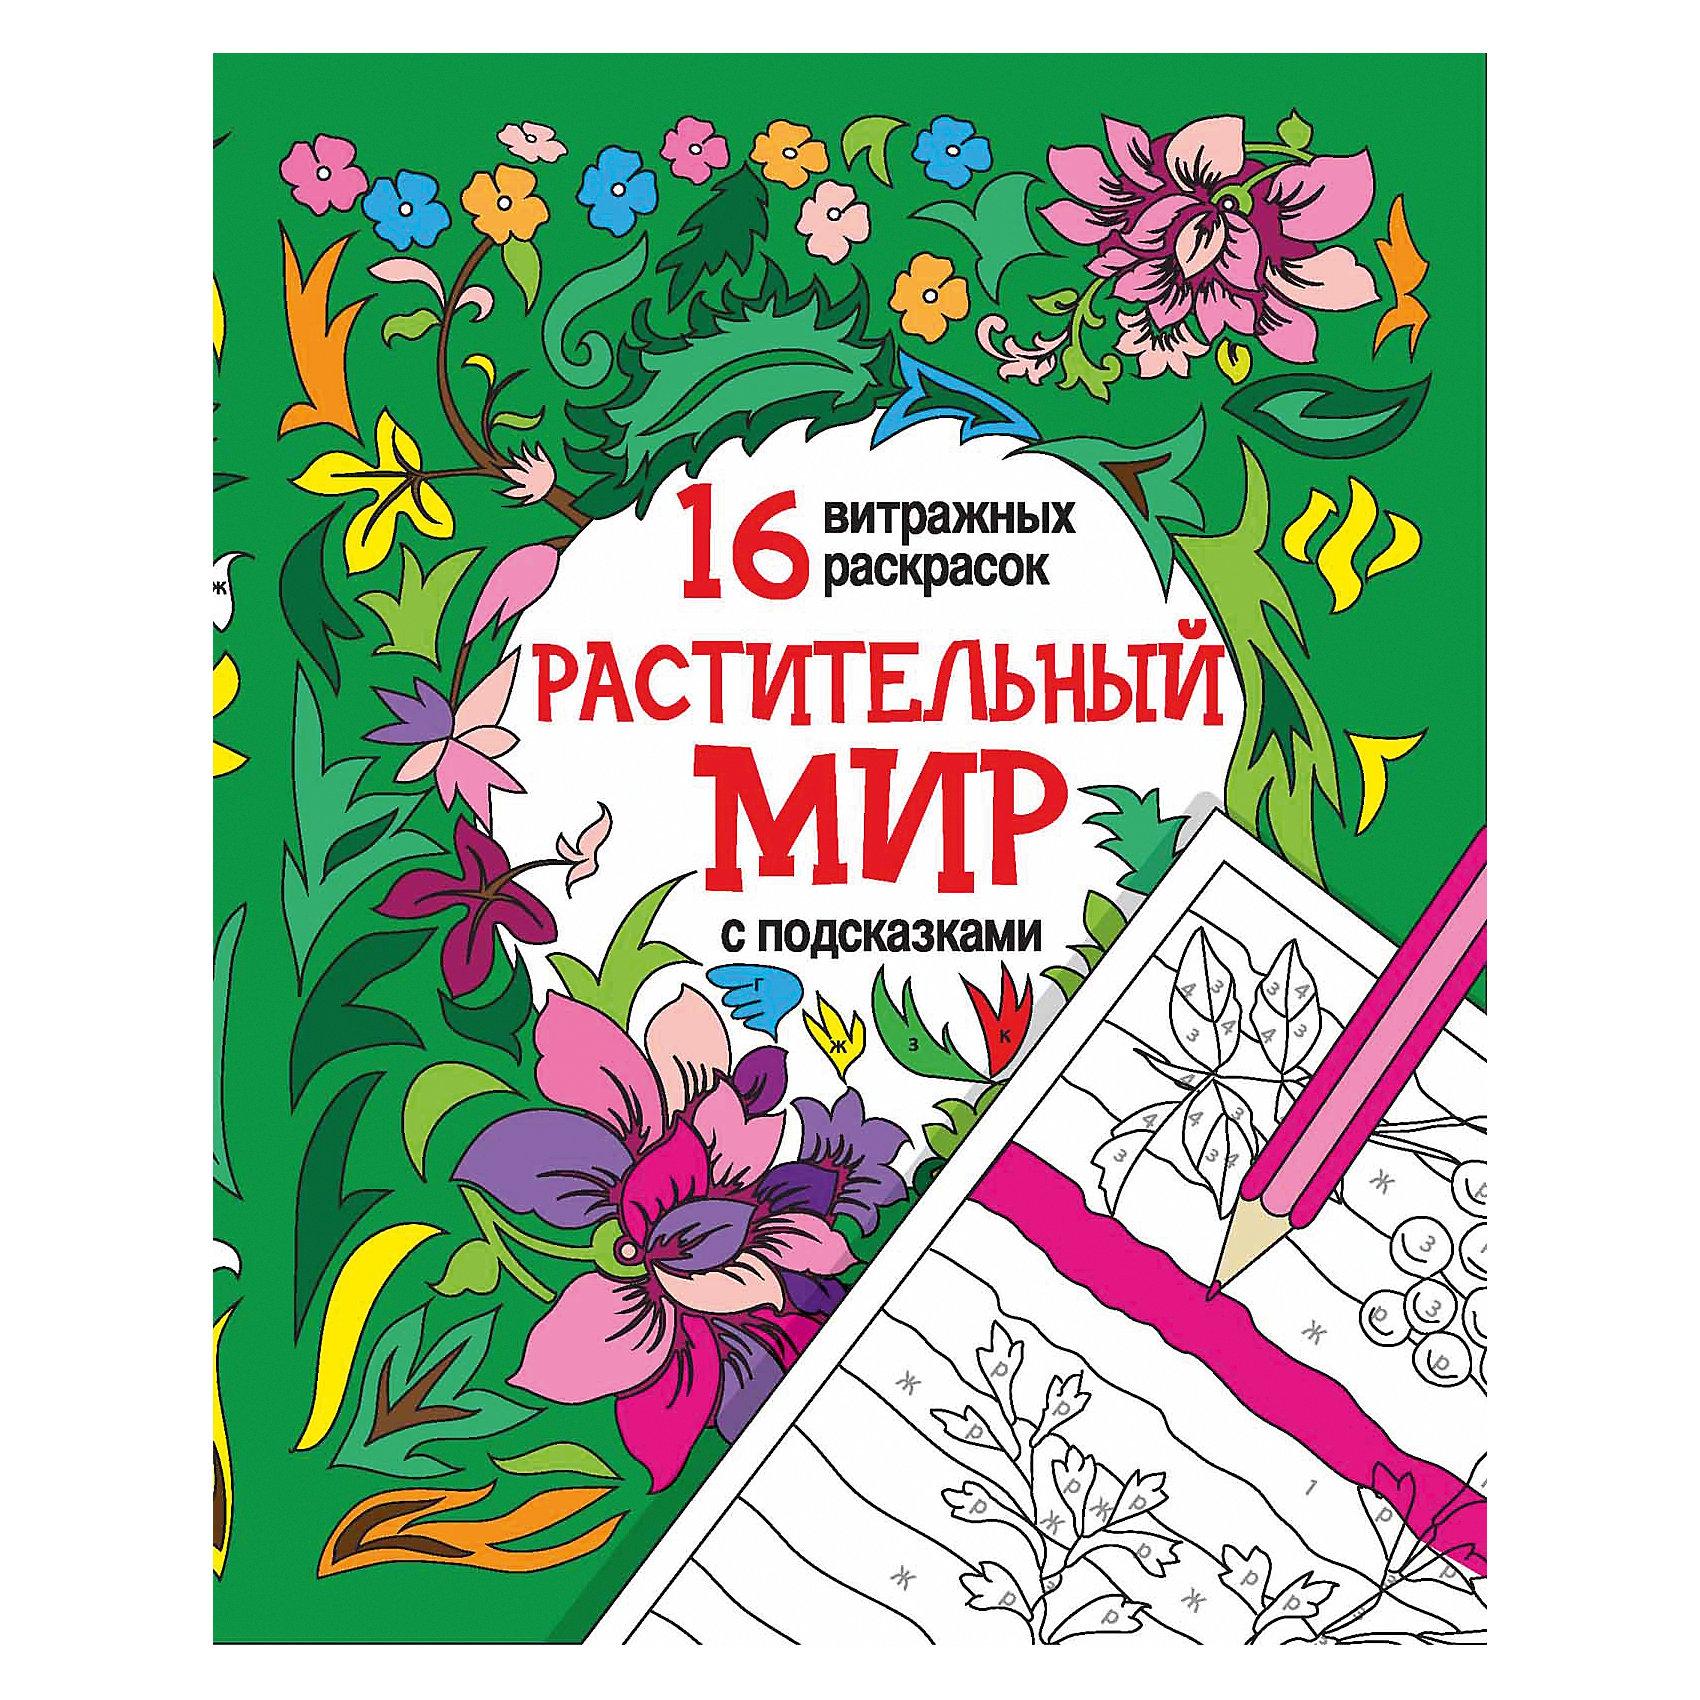 Книга Растительный мирКнига Растительный мир<br><br>Характеристики: <br><br>• Кол-во страниц: 16<br>• ISBN: 9785222273166<br>• Возраст: 0+<br>• Обложка: мягкая<br>• Формат: а4<br><br>Эта раскраска представлена в виде витражей с дополнительными подсказками, для облегчения работы и возможности расслабиться в процессе раскрашивания. Сочетания цветов и оттенков уже предусмотрены создателями и остается только воплотить задуманное в жизнь, пользуясь подсказками в виде буквенных и цифровых кодов. Раскраска особенно поможет тем, кто хочет просто расслабиться, не задумываясь о том, как подобрать следующий цвет и создать красивое их сочетание. Просто делай и получится хорошо.<br><br>Книга Растительный мир можно купить в нашем интернет-магазине.<br><br>Ширина мм: 260<br>Глубина мм: 199<br>Высота мм: 20<br>Вес г: 62<br>Возраст от месяцев: 72<br>Возраст до месяцев: 2147483647<br>Пол: Унисекс<br>Возраст: Детский<br>SKU: 5464559